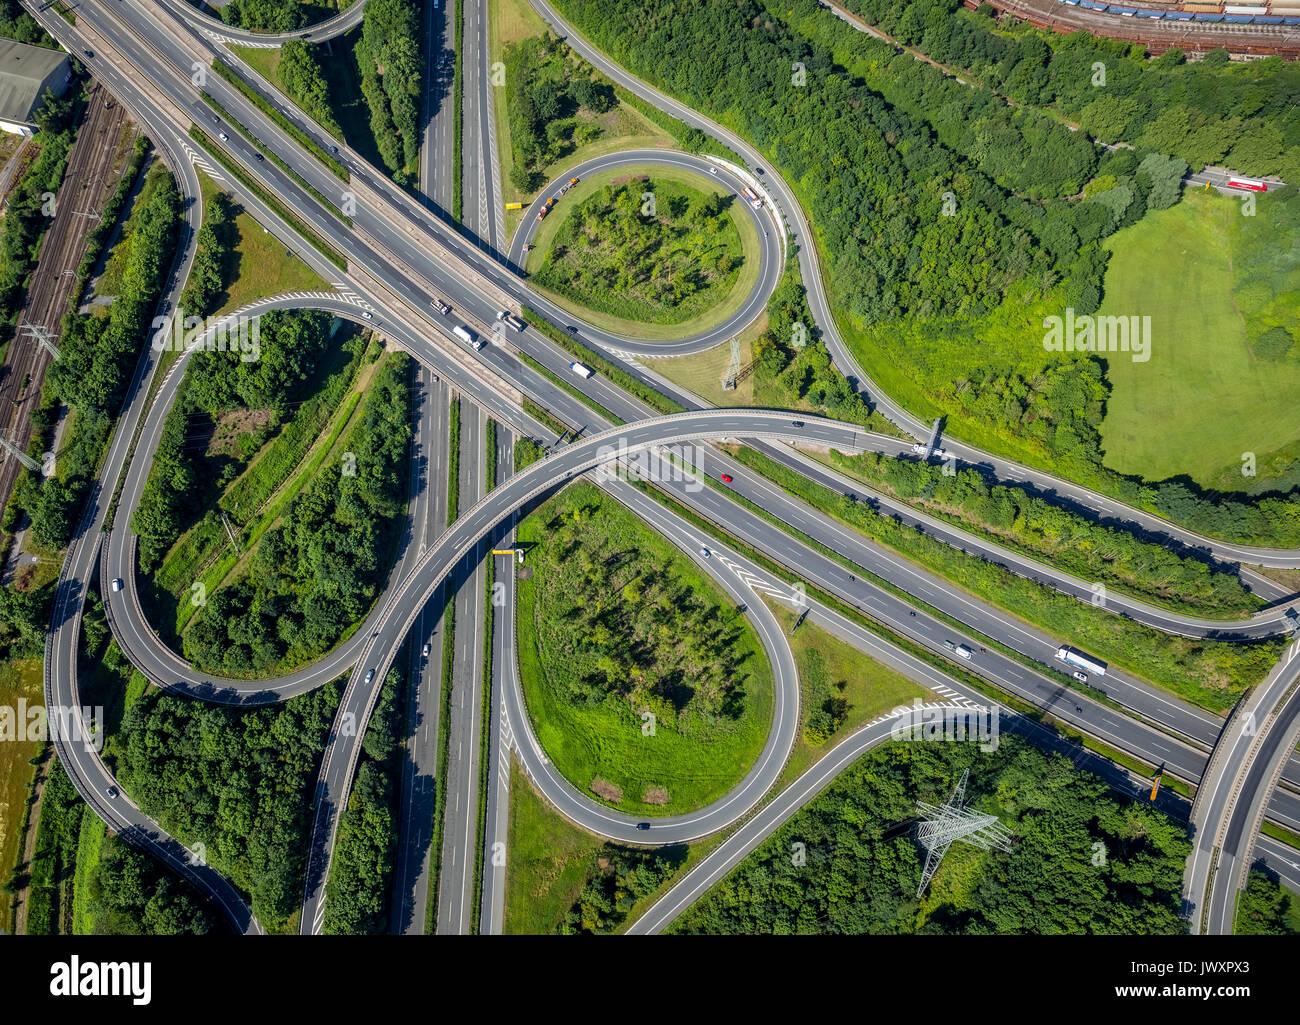 Springorumknoten, échanges Springorum, spaghetti, autoroute, routes, B236, Brackeler Hellweg, Dortmund, Ruhr, Rhénanie du Nord-Westphalie, Ge Photo Stock